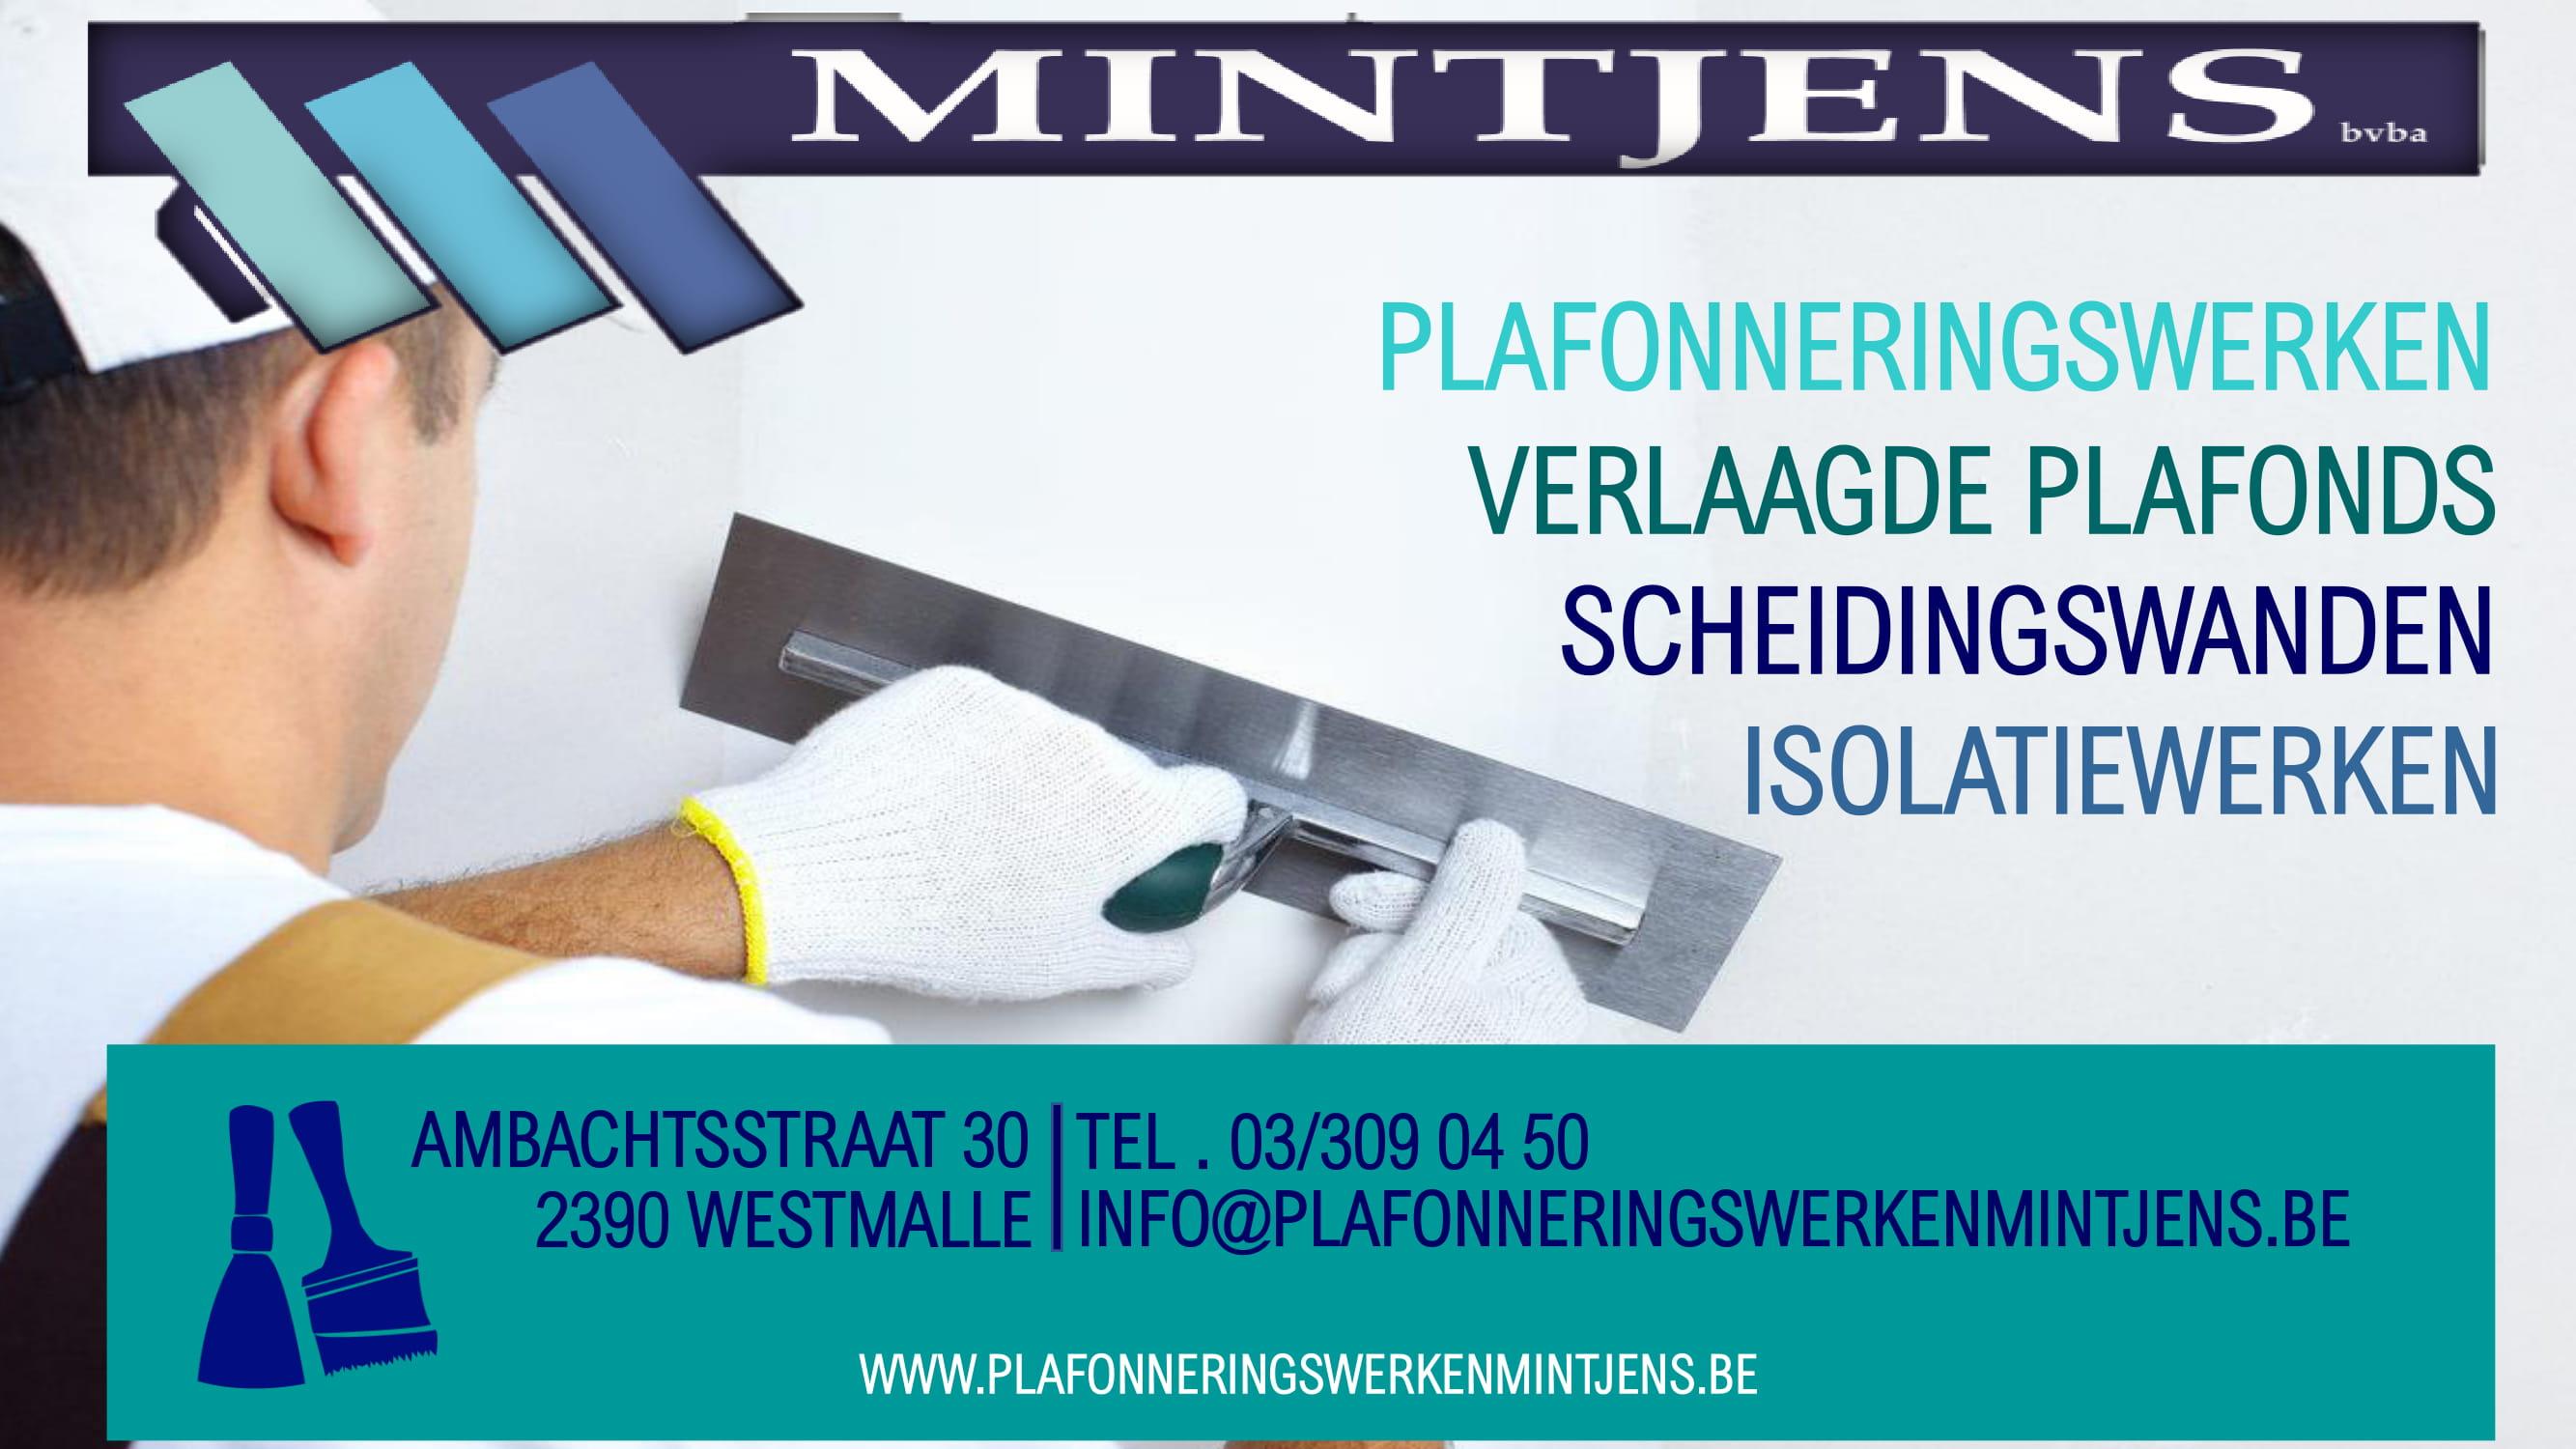 Plafonneringswerken Mintjens